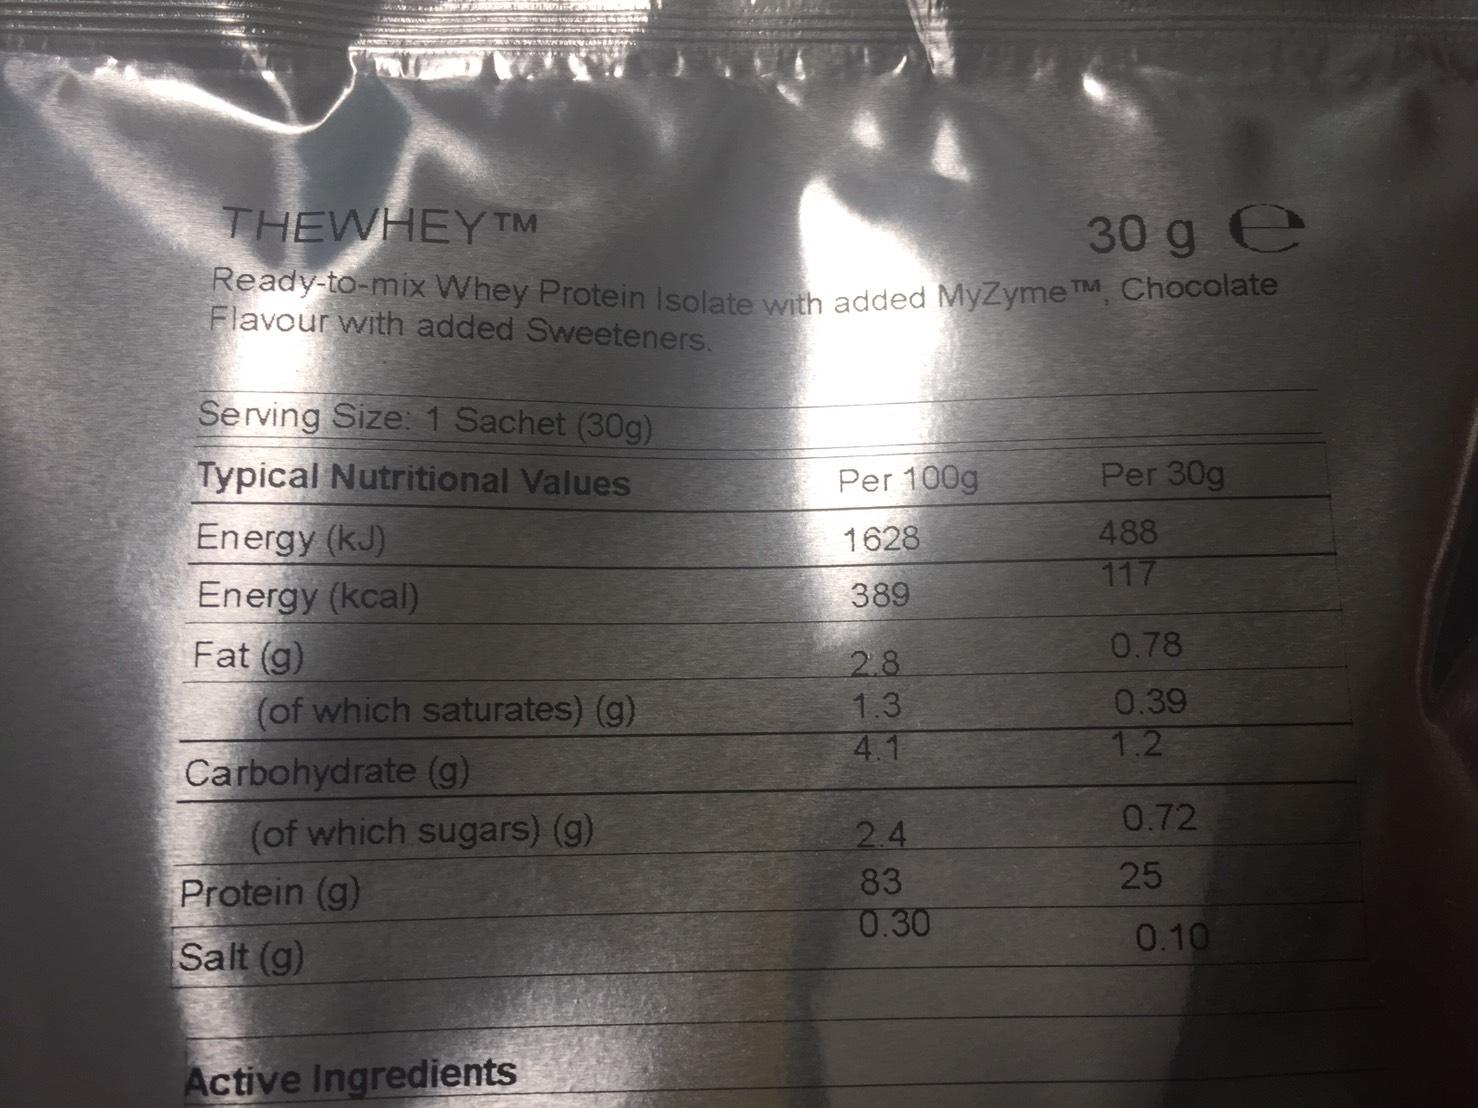 マイプロテイン「THEWHEY」チョコレート味の成分表